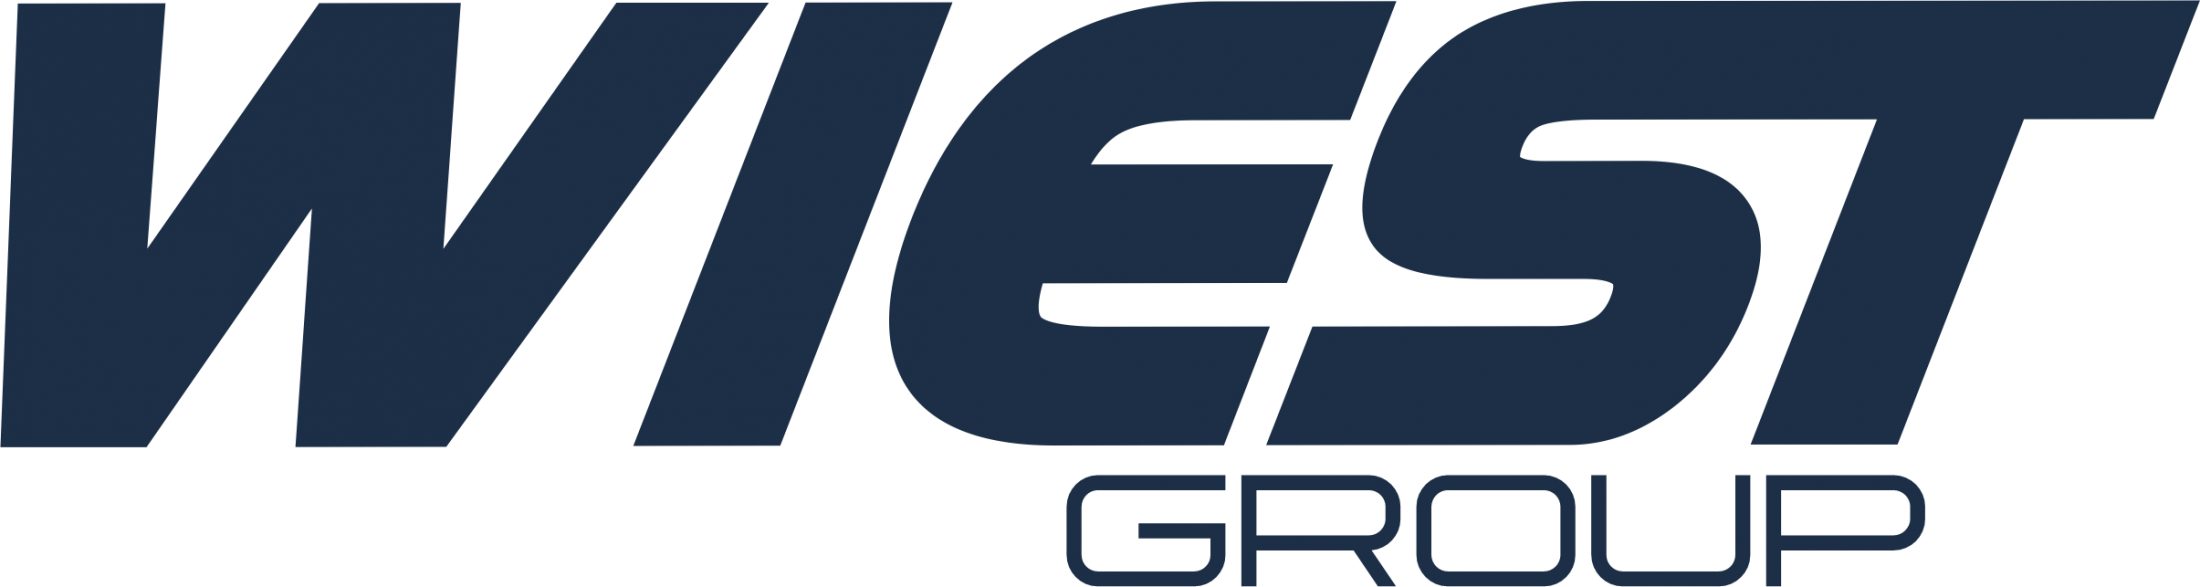 logo wiest bl